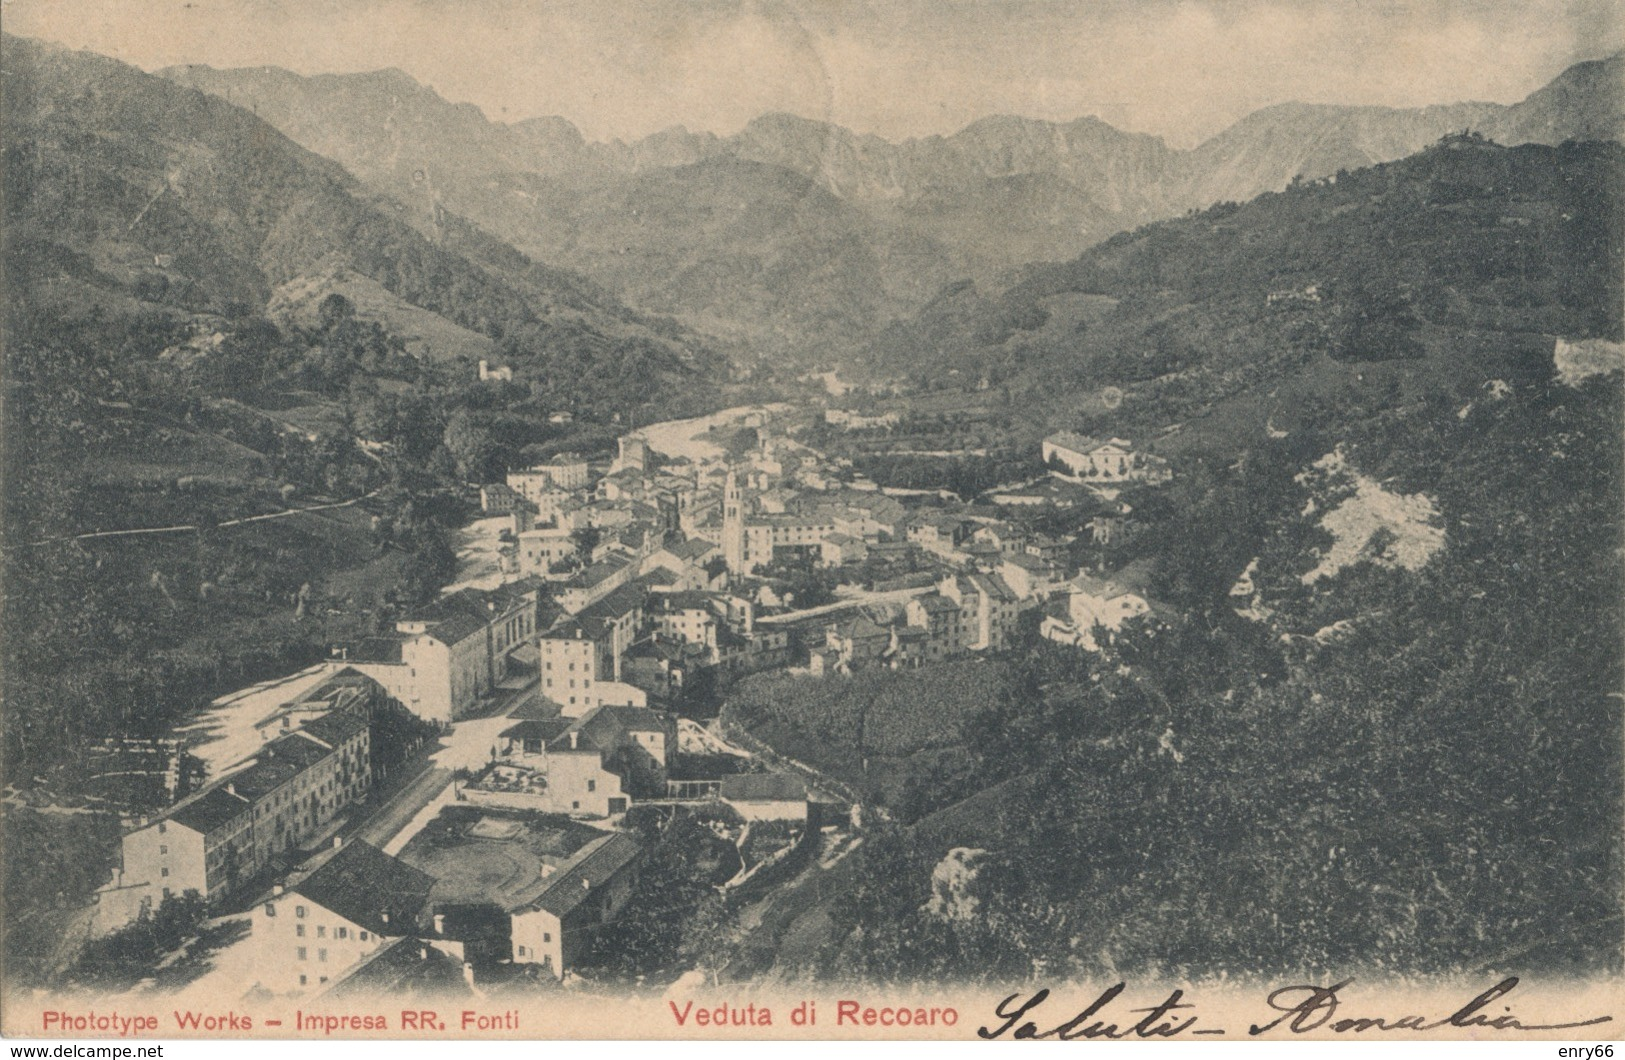 VICENZA-RECOARO PANORAMA - Vicenza